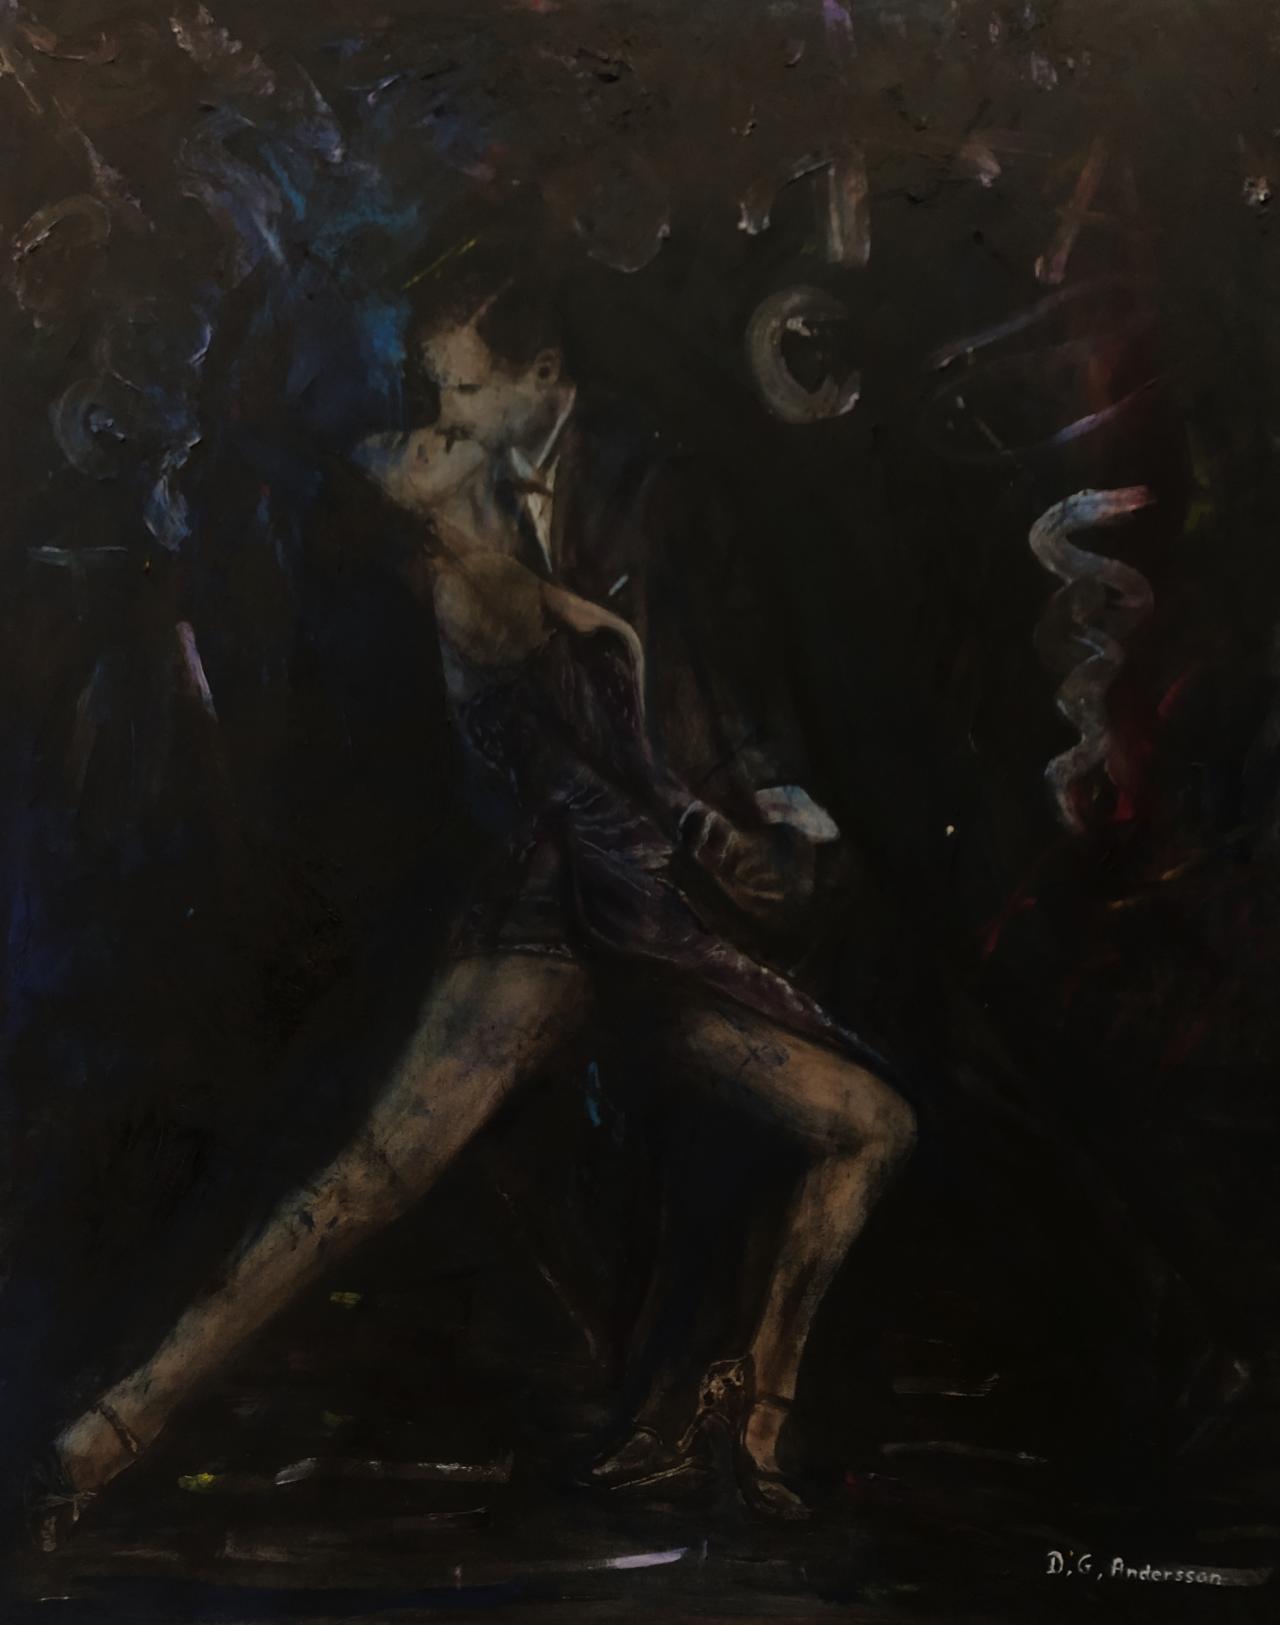 Tango (2018) - Daniel García Andersson - D G Andersson